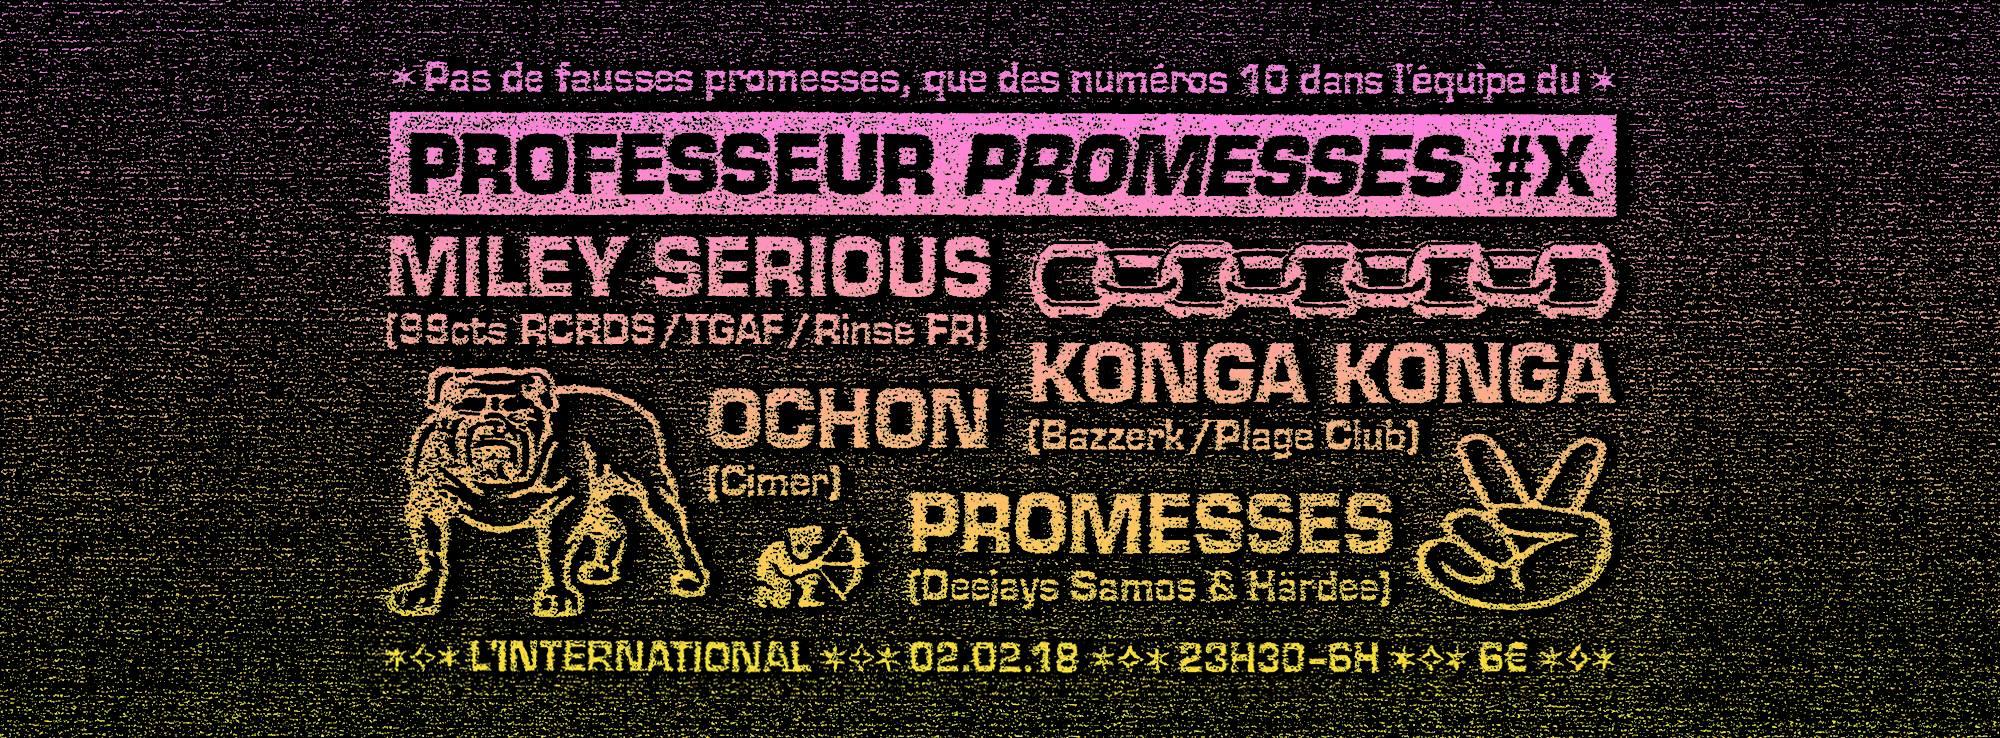 promesses konga konga miley serious couvre x chefs